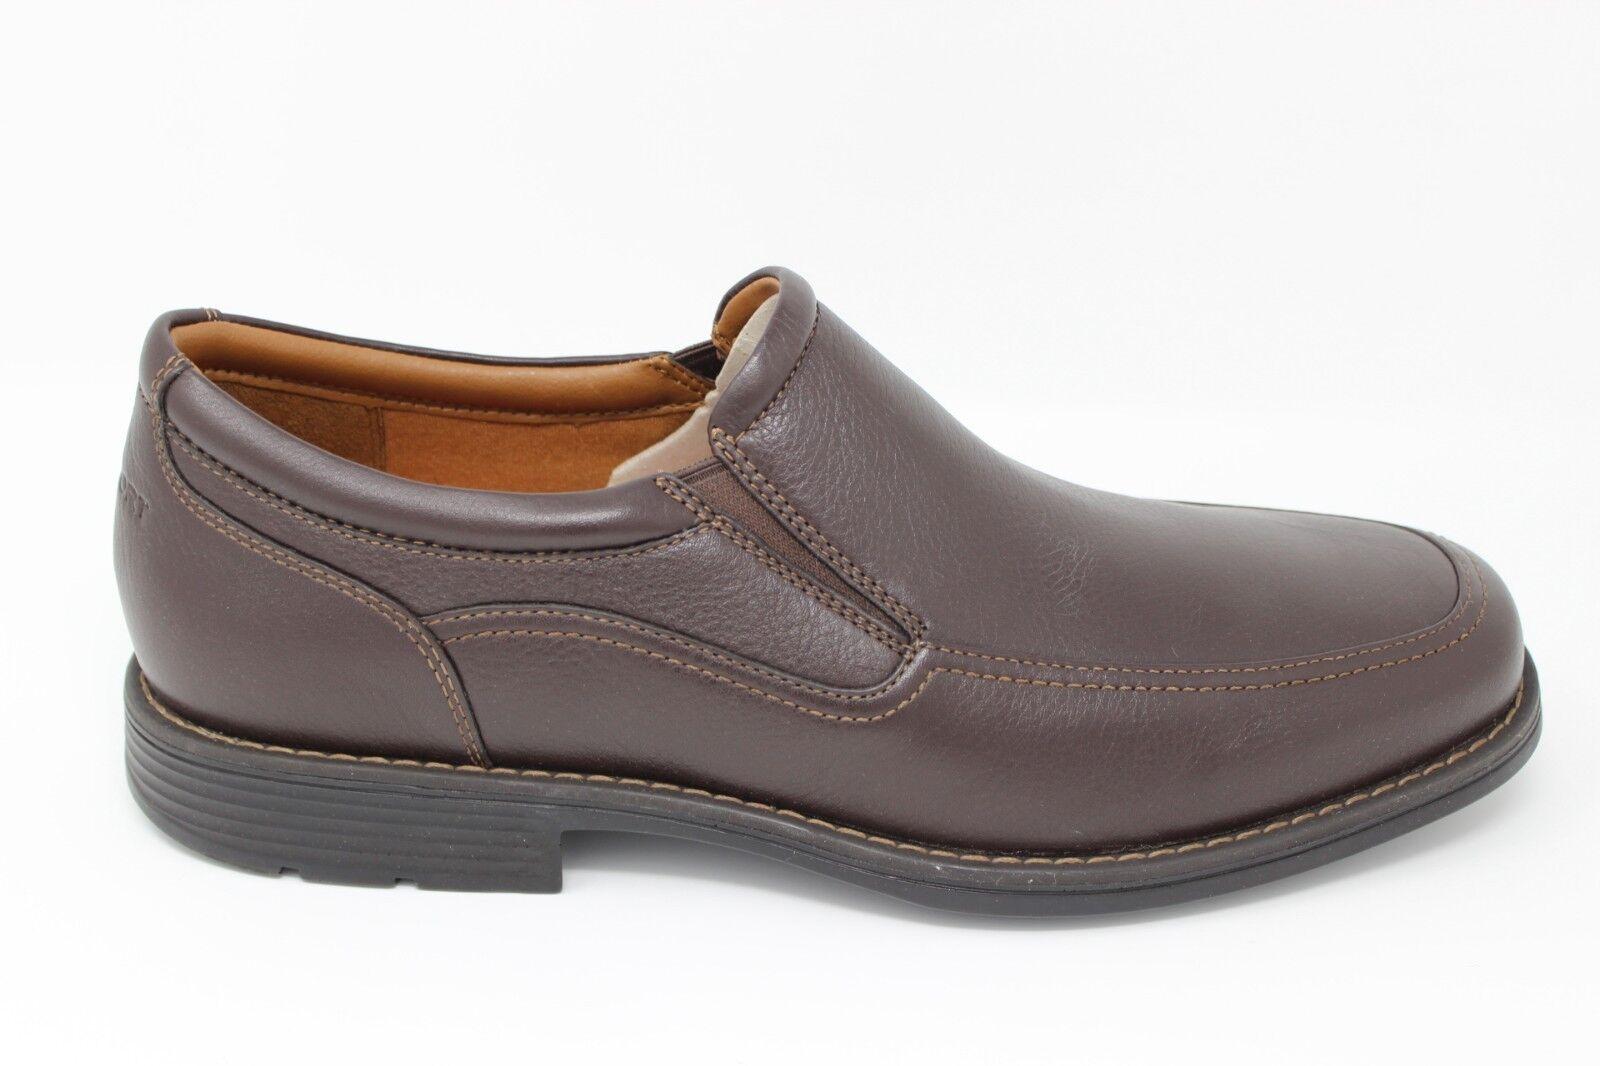 economico e di alta qualità Uomo Rockport Day Trading TWN GORE Slip On On On A13407 Dark Marrone Brand New  a buon mercato